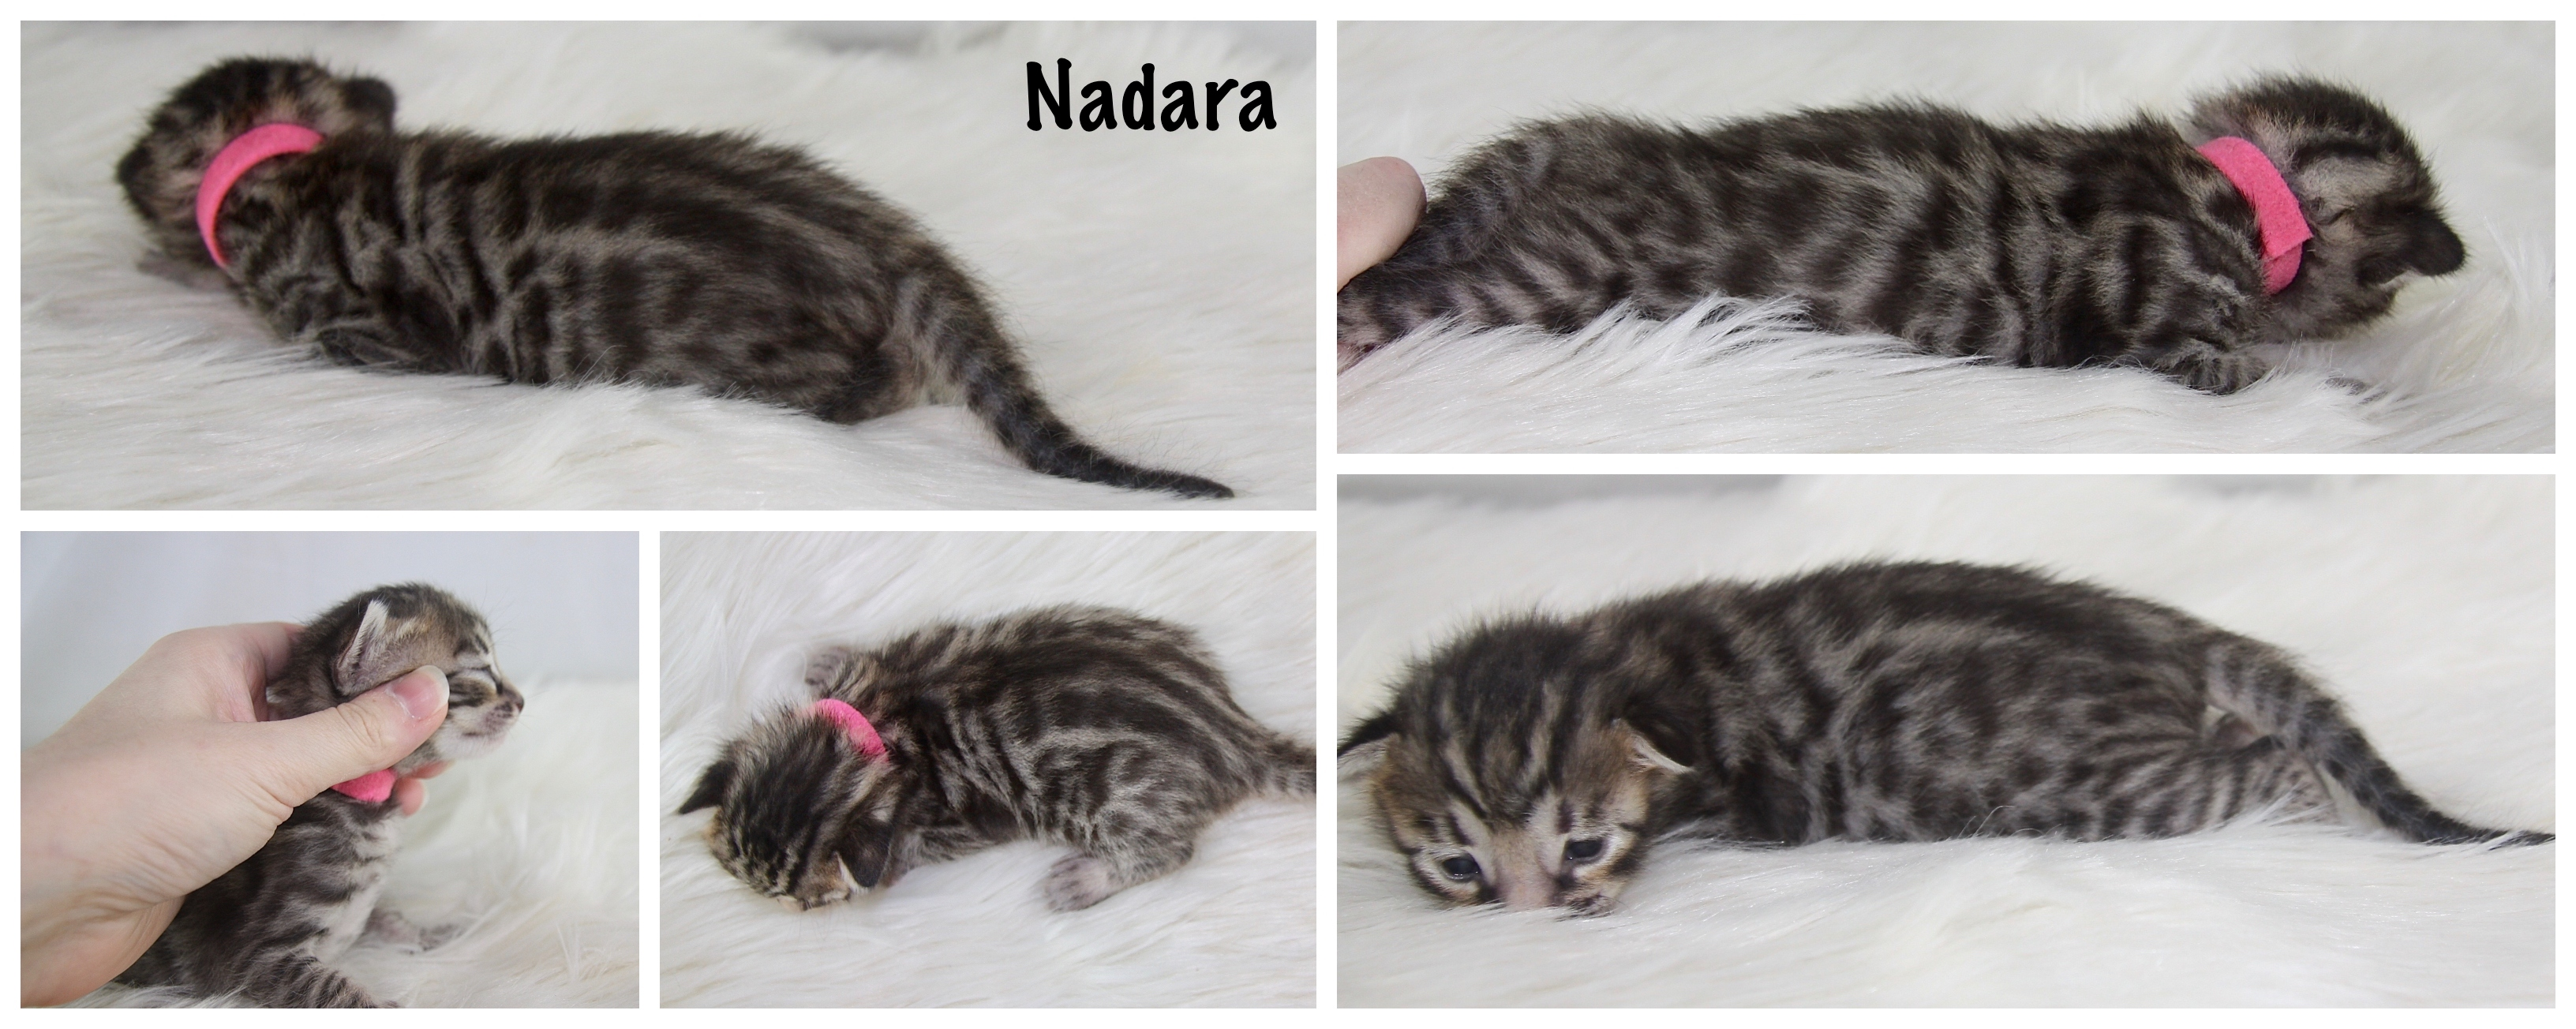 Nadara 2 weeks